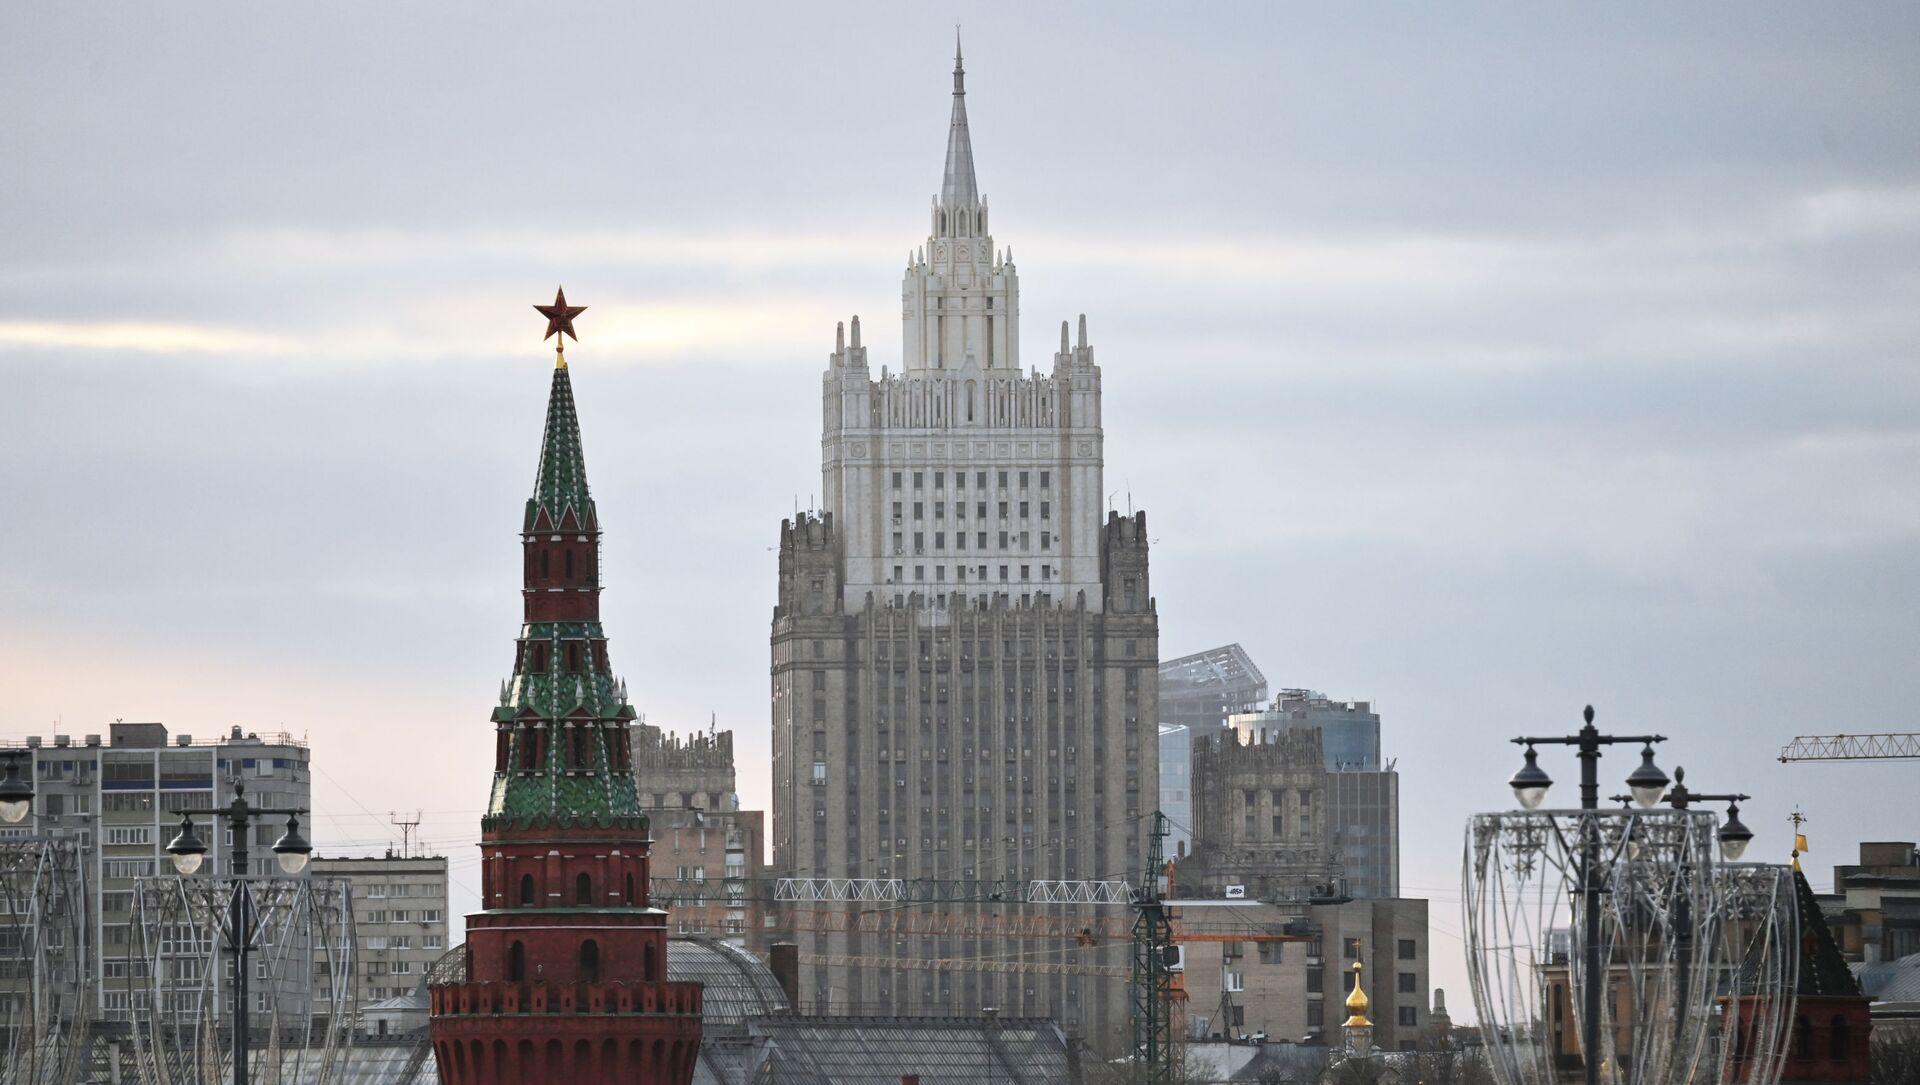 Tòa nhà của Bộ Ngoại giao Liên bang Nga. - Sputnik Việt Nam, 1920, 19.04.2021